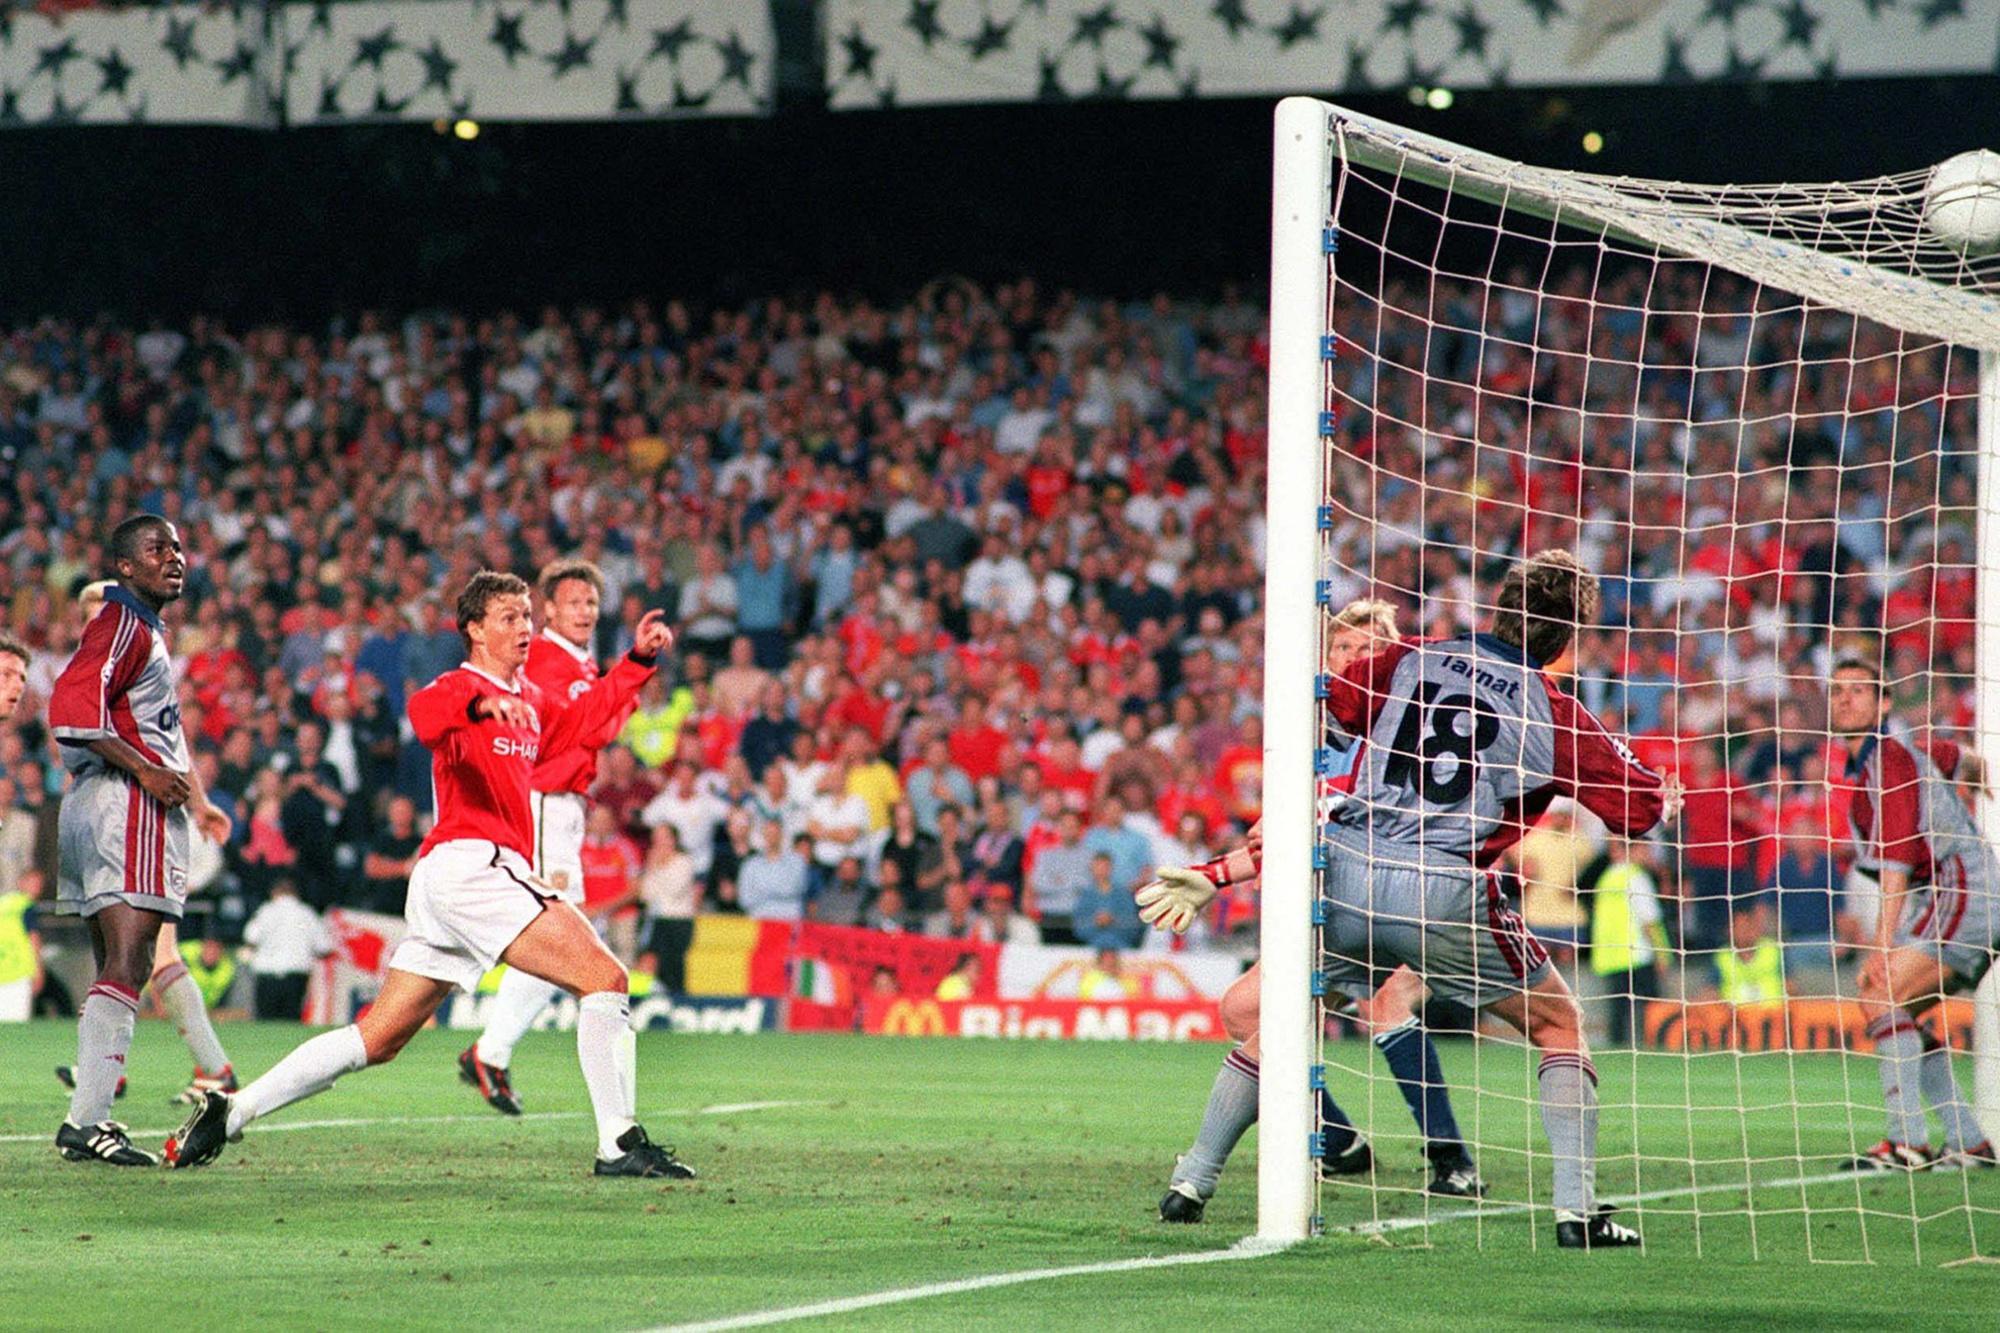 Ole Gunnar Solskjaer inscrit le but de la victoire face au Bayern en finale de la Champions League 1999., belga